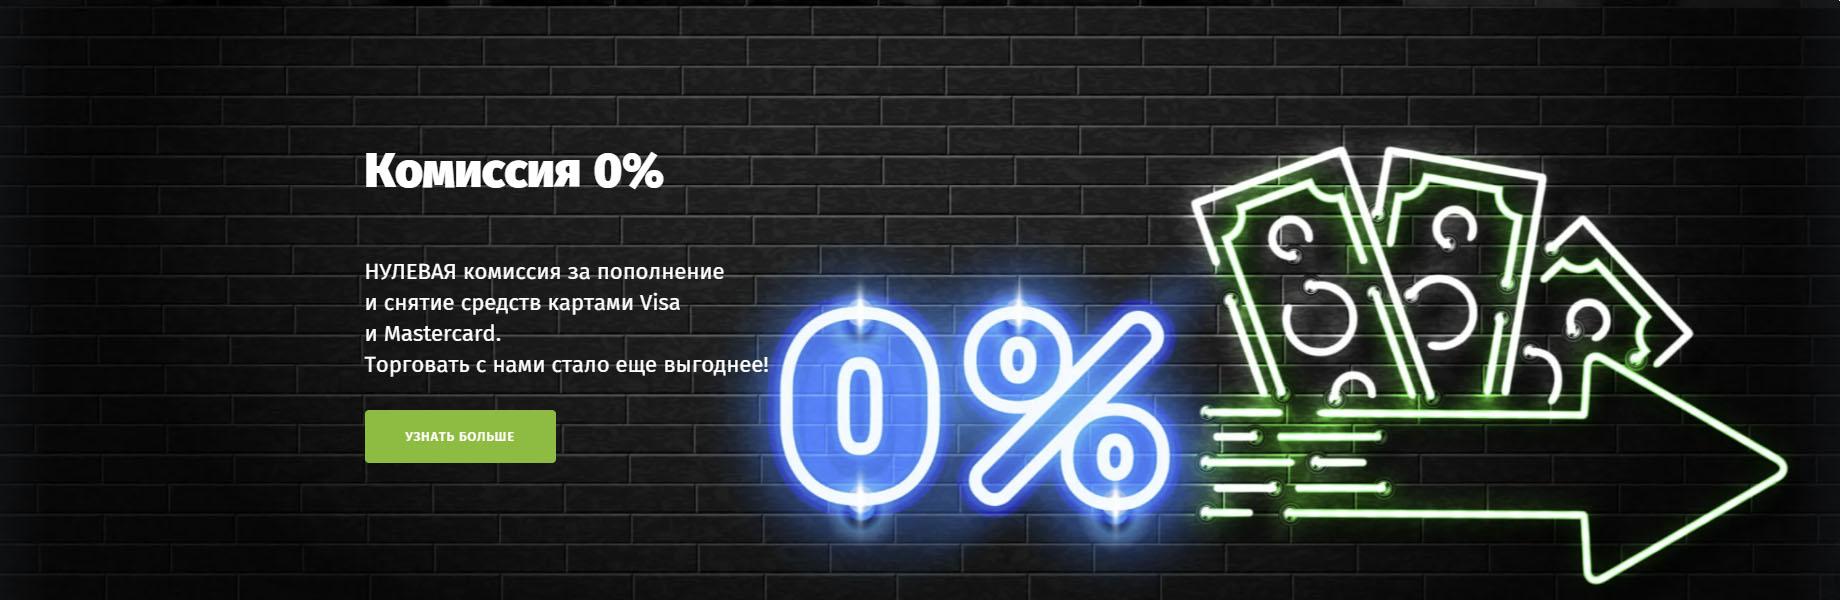 Акция Комиссия 0%